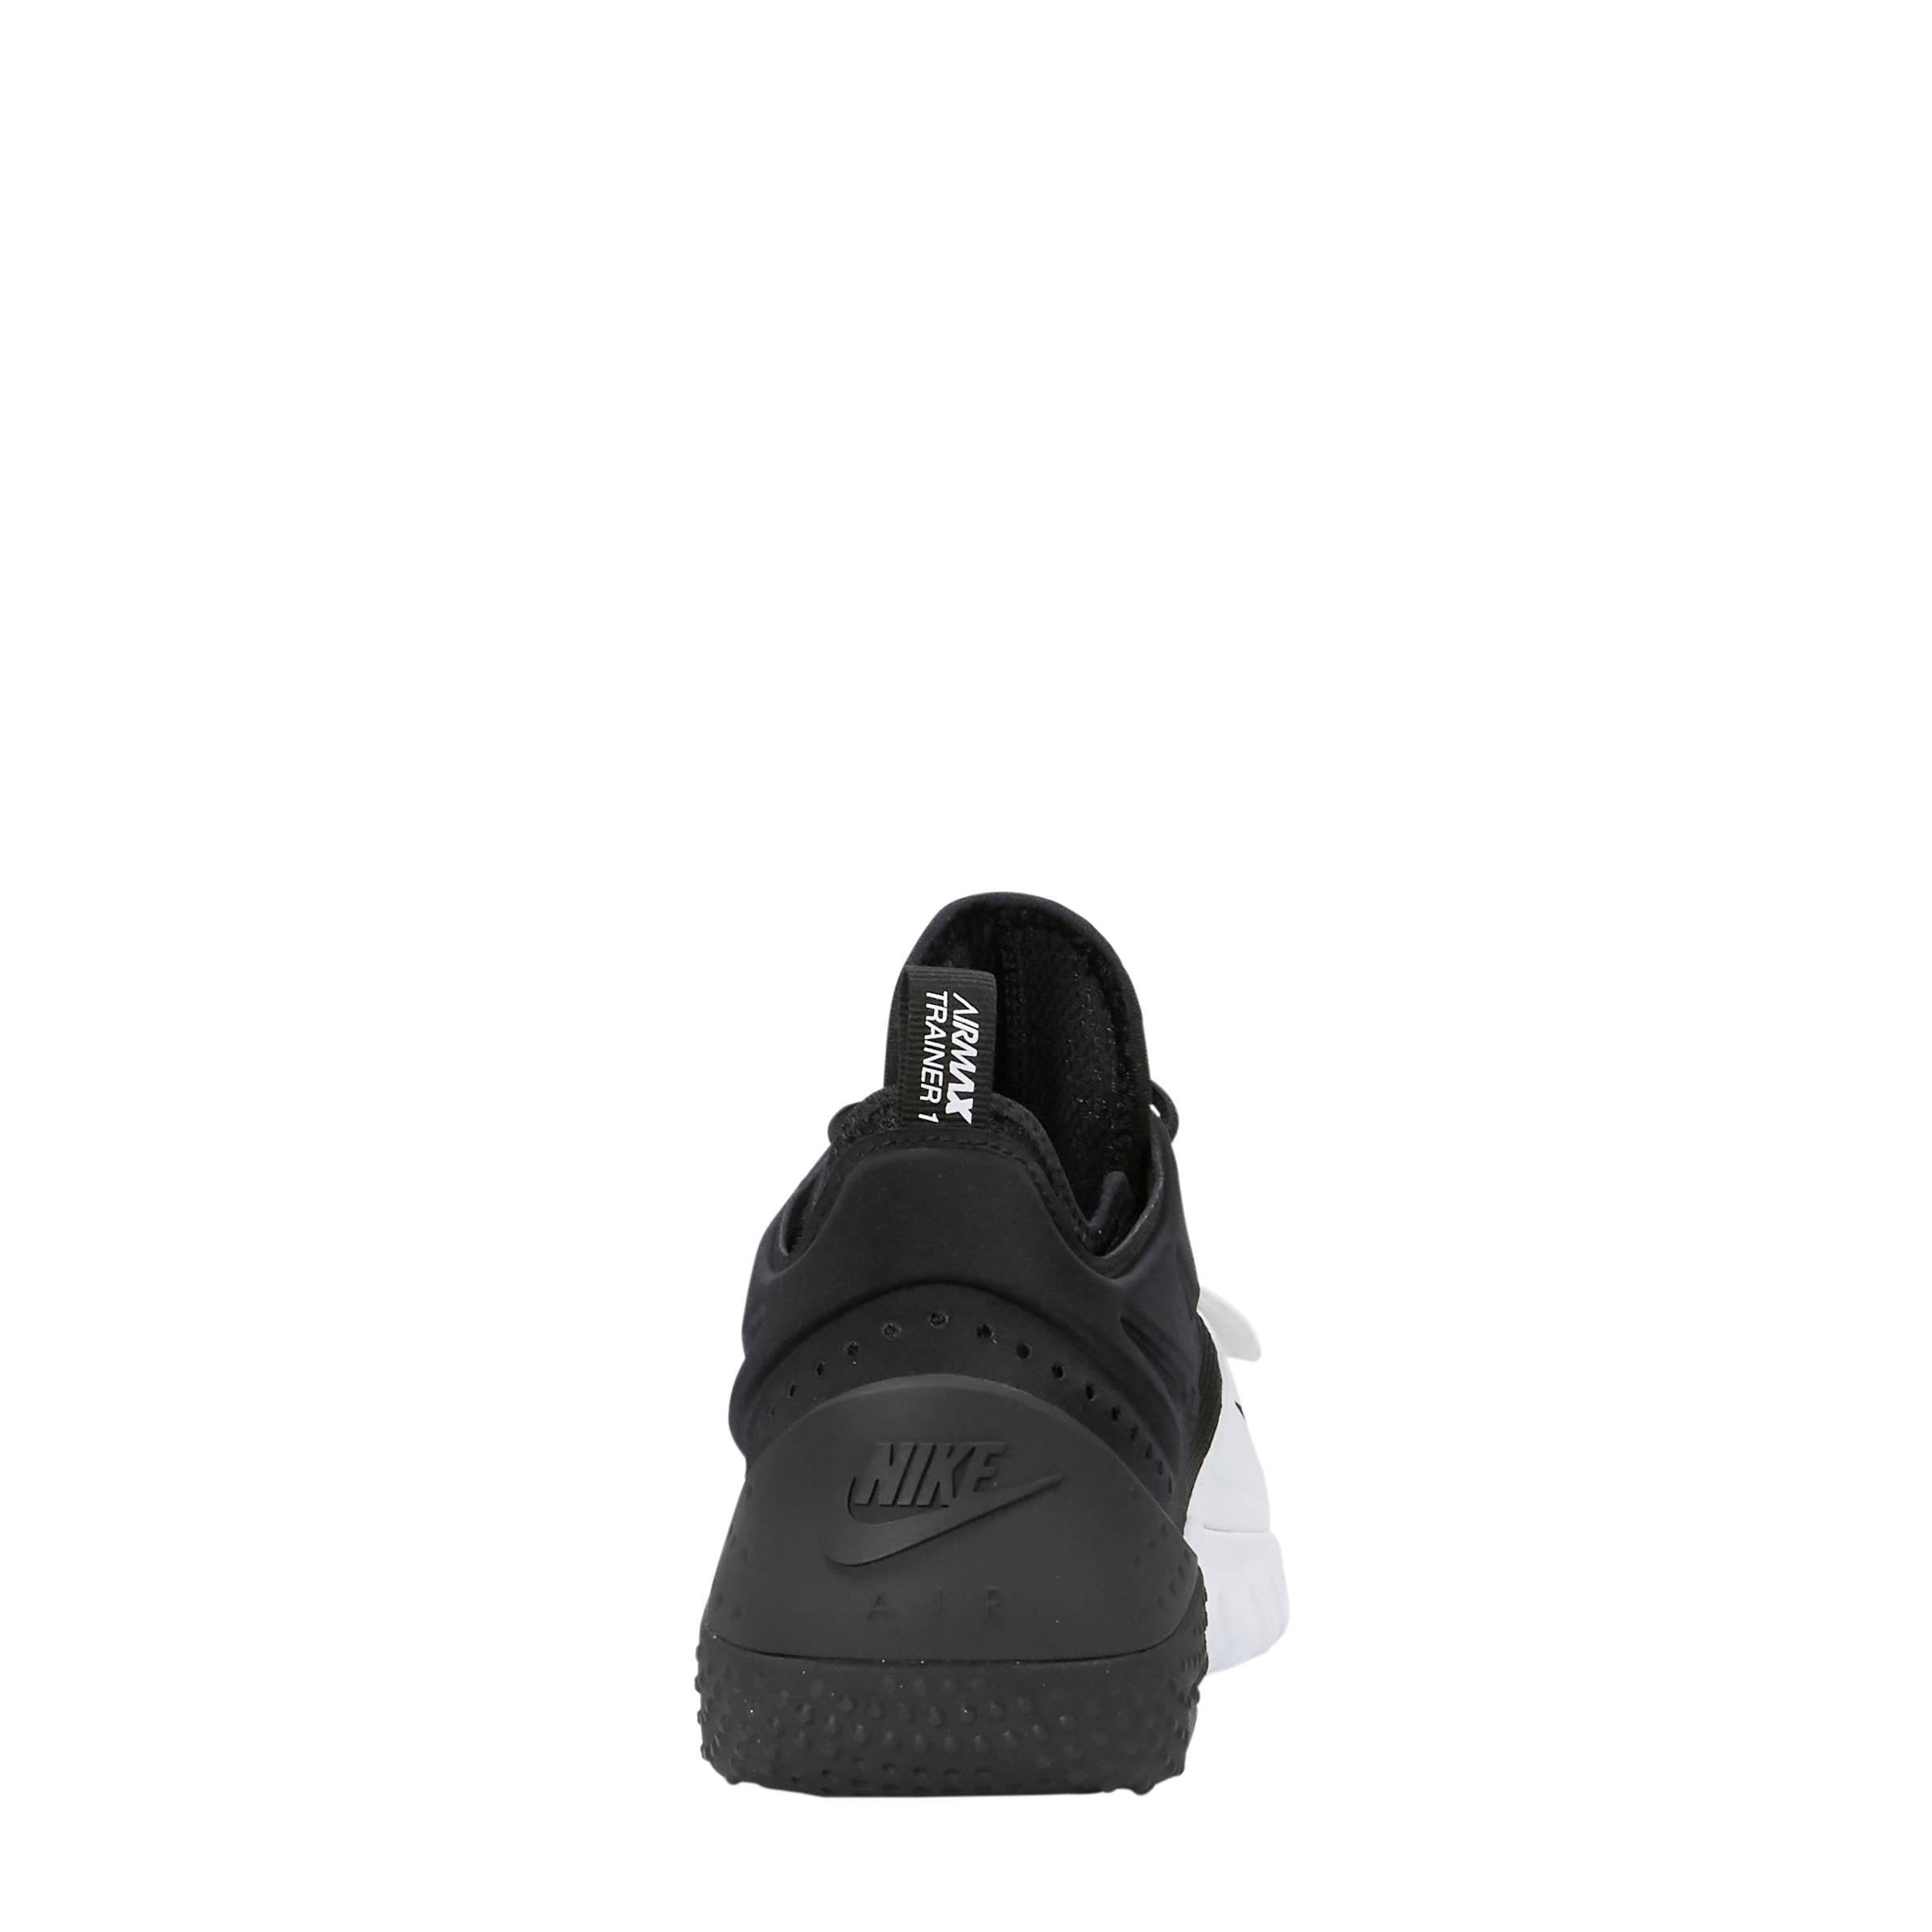 the best attitude 4b7cb a28f0 nike-air-max-trainer-1-fitness-schoenen-zwart-0191884302332.jpg